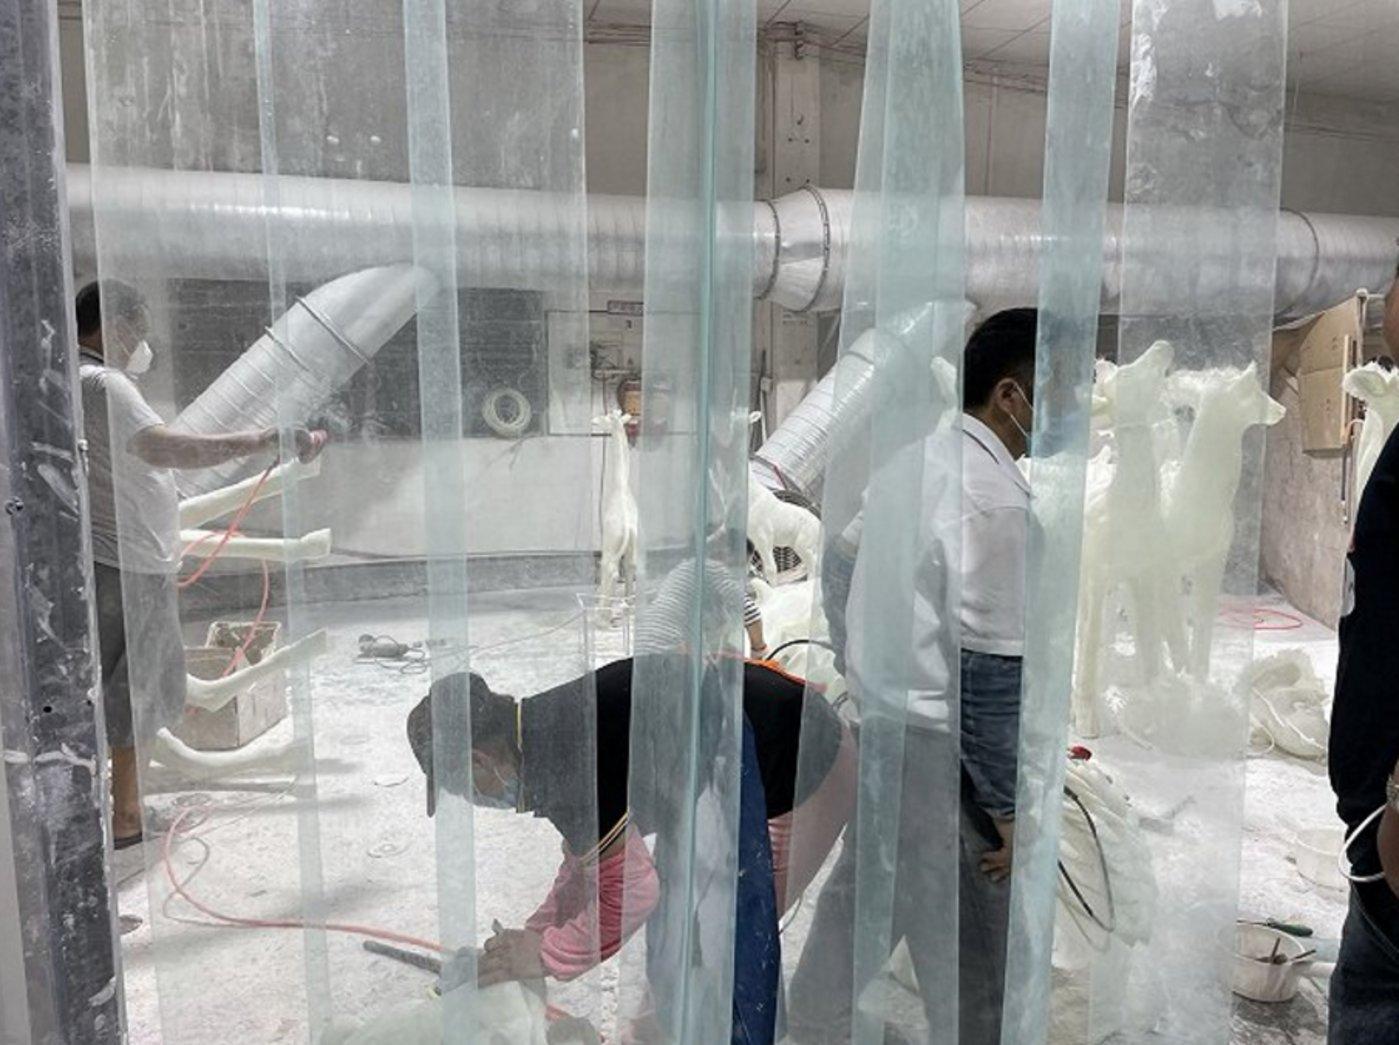 打磨区车间,工人们正在工作  拍摄:徐诗琪